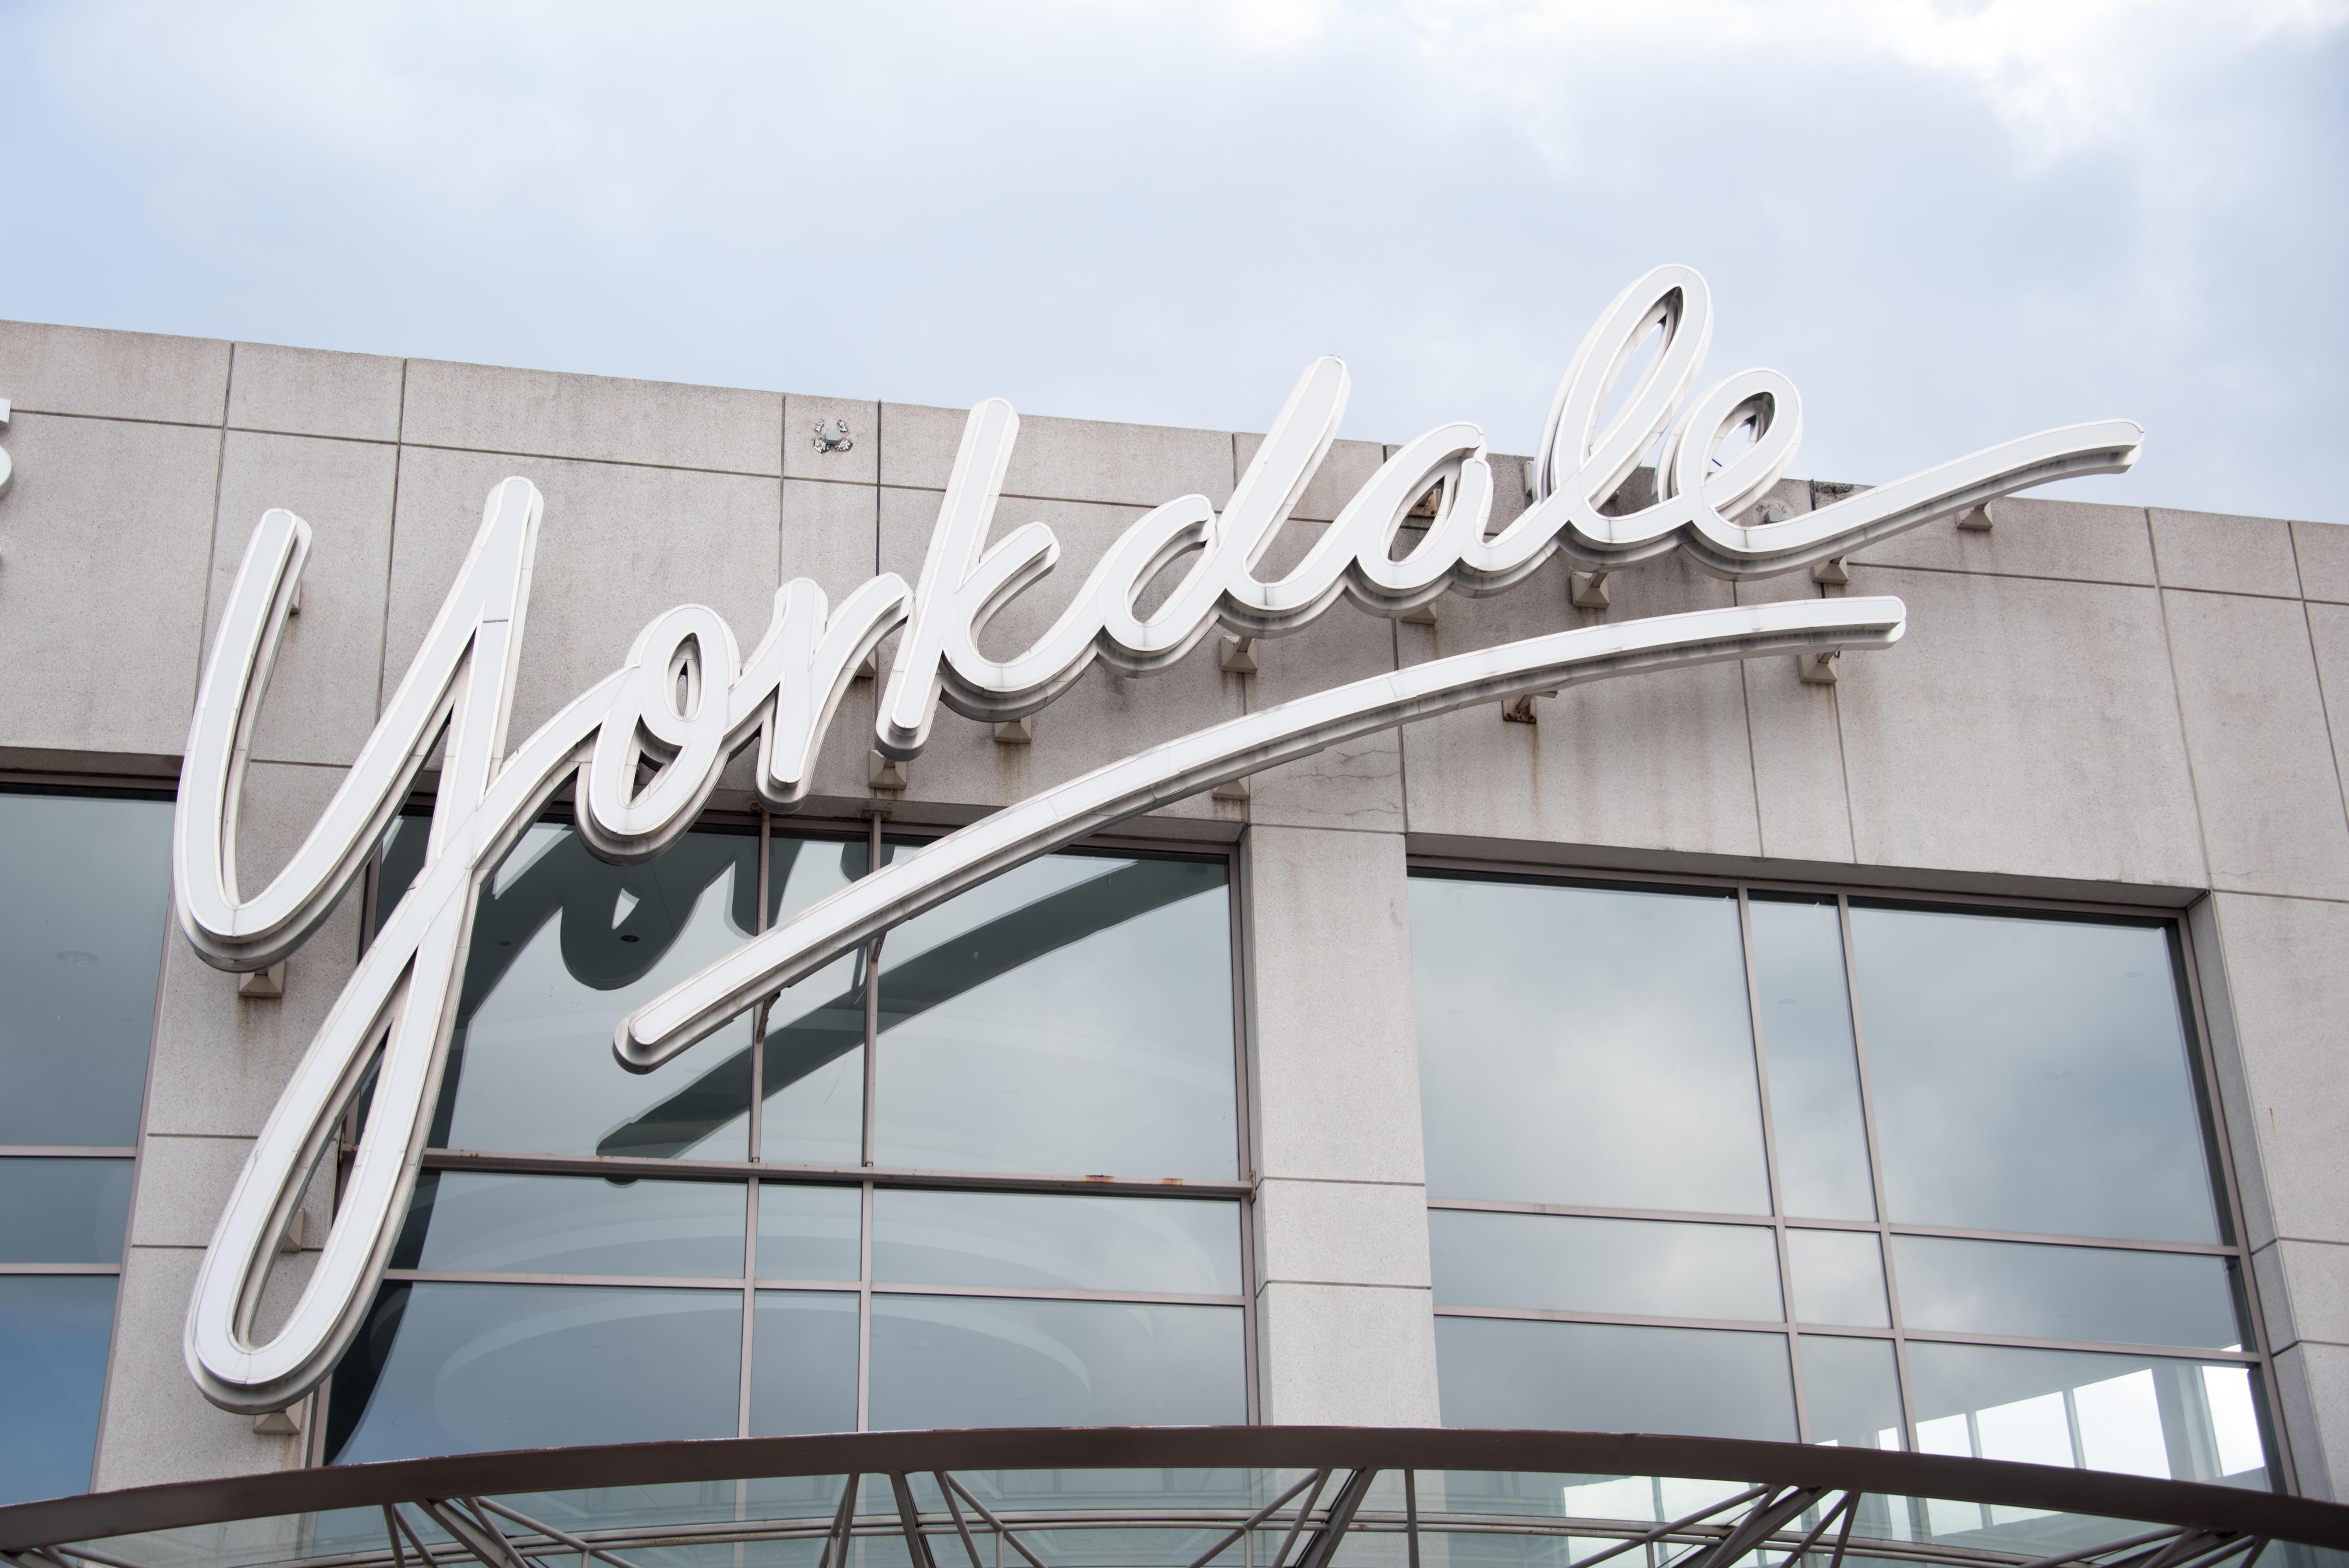 Yorkdale Shopping Centre, Toronto, Ontario, Canada